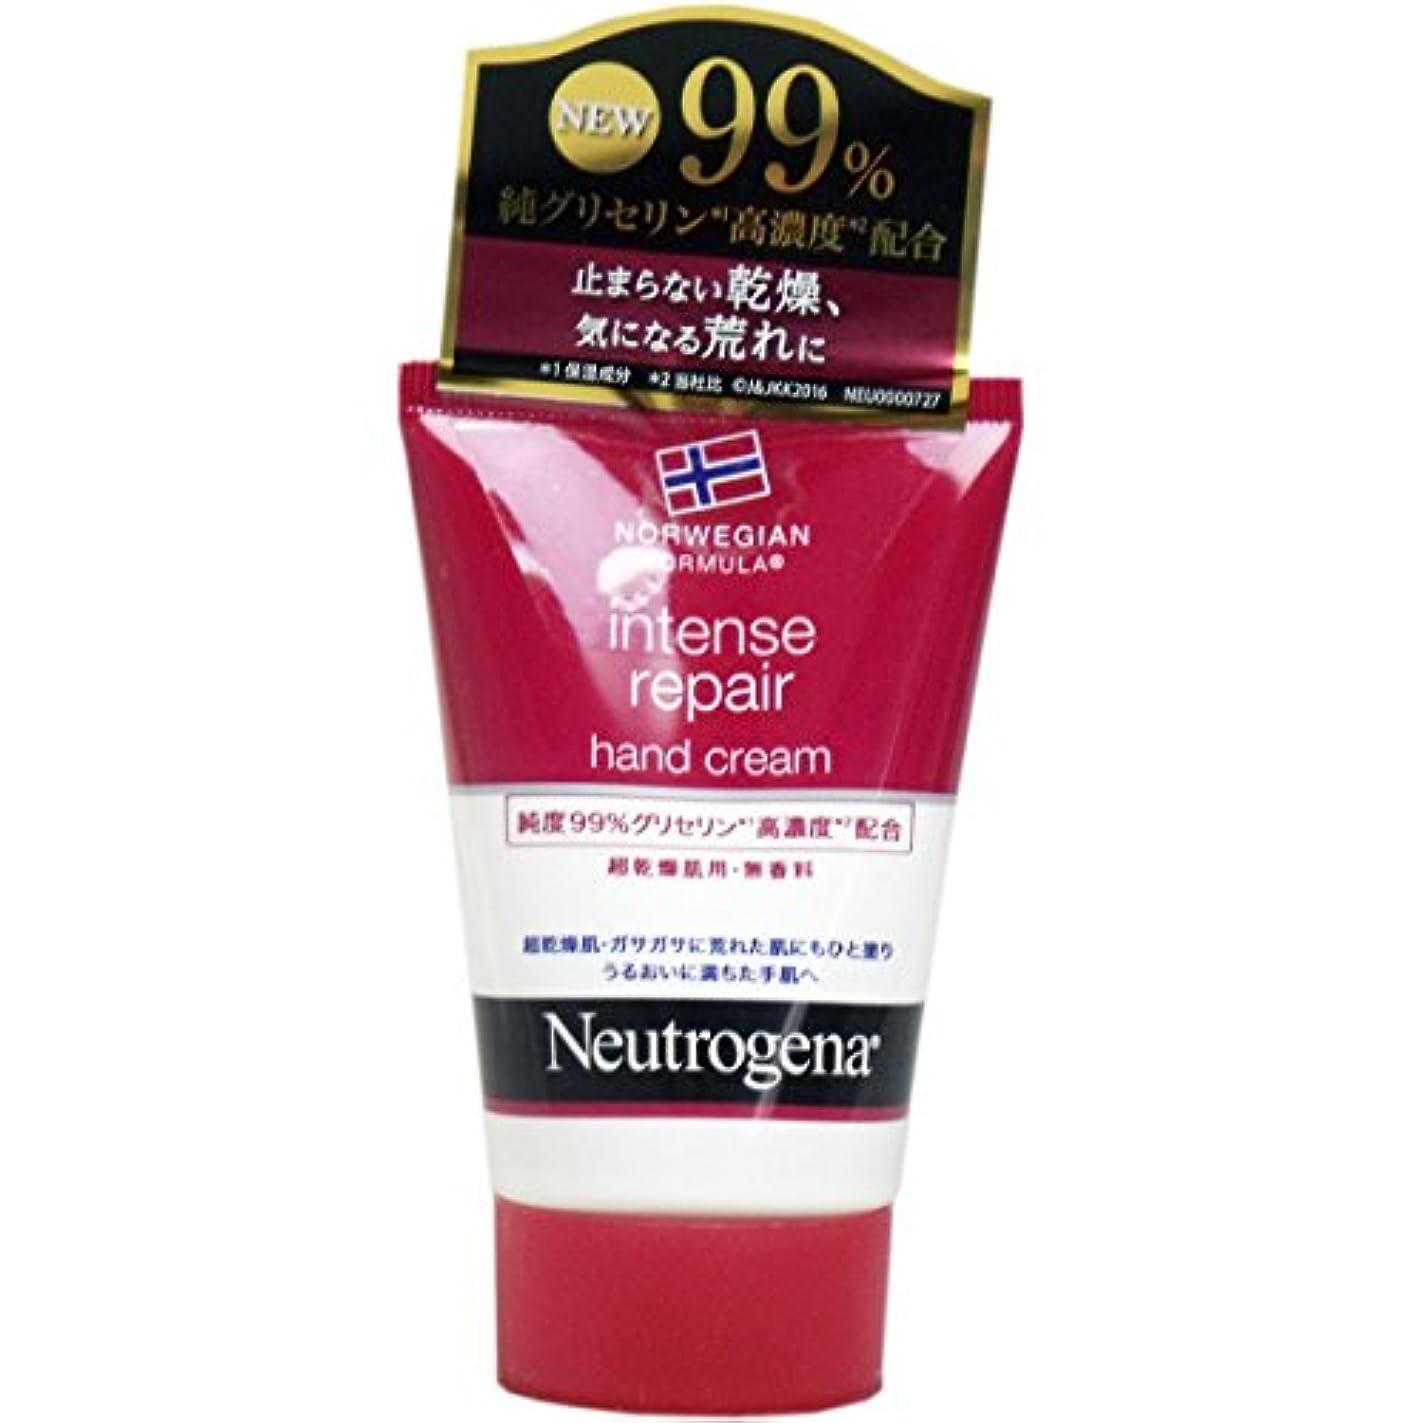 以下変数相談【セット品】Neutrogena(ニュートロジーナ) ノルウェーフォーミュラ インテンスリペア ハンドクリーム 超乾燥肌用 無香料 50g×6個